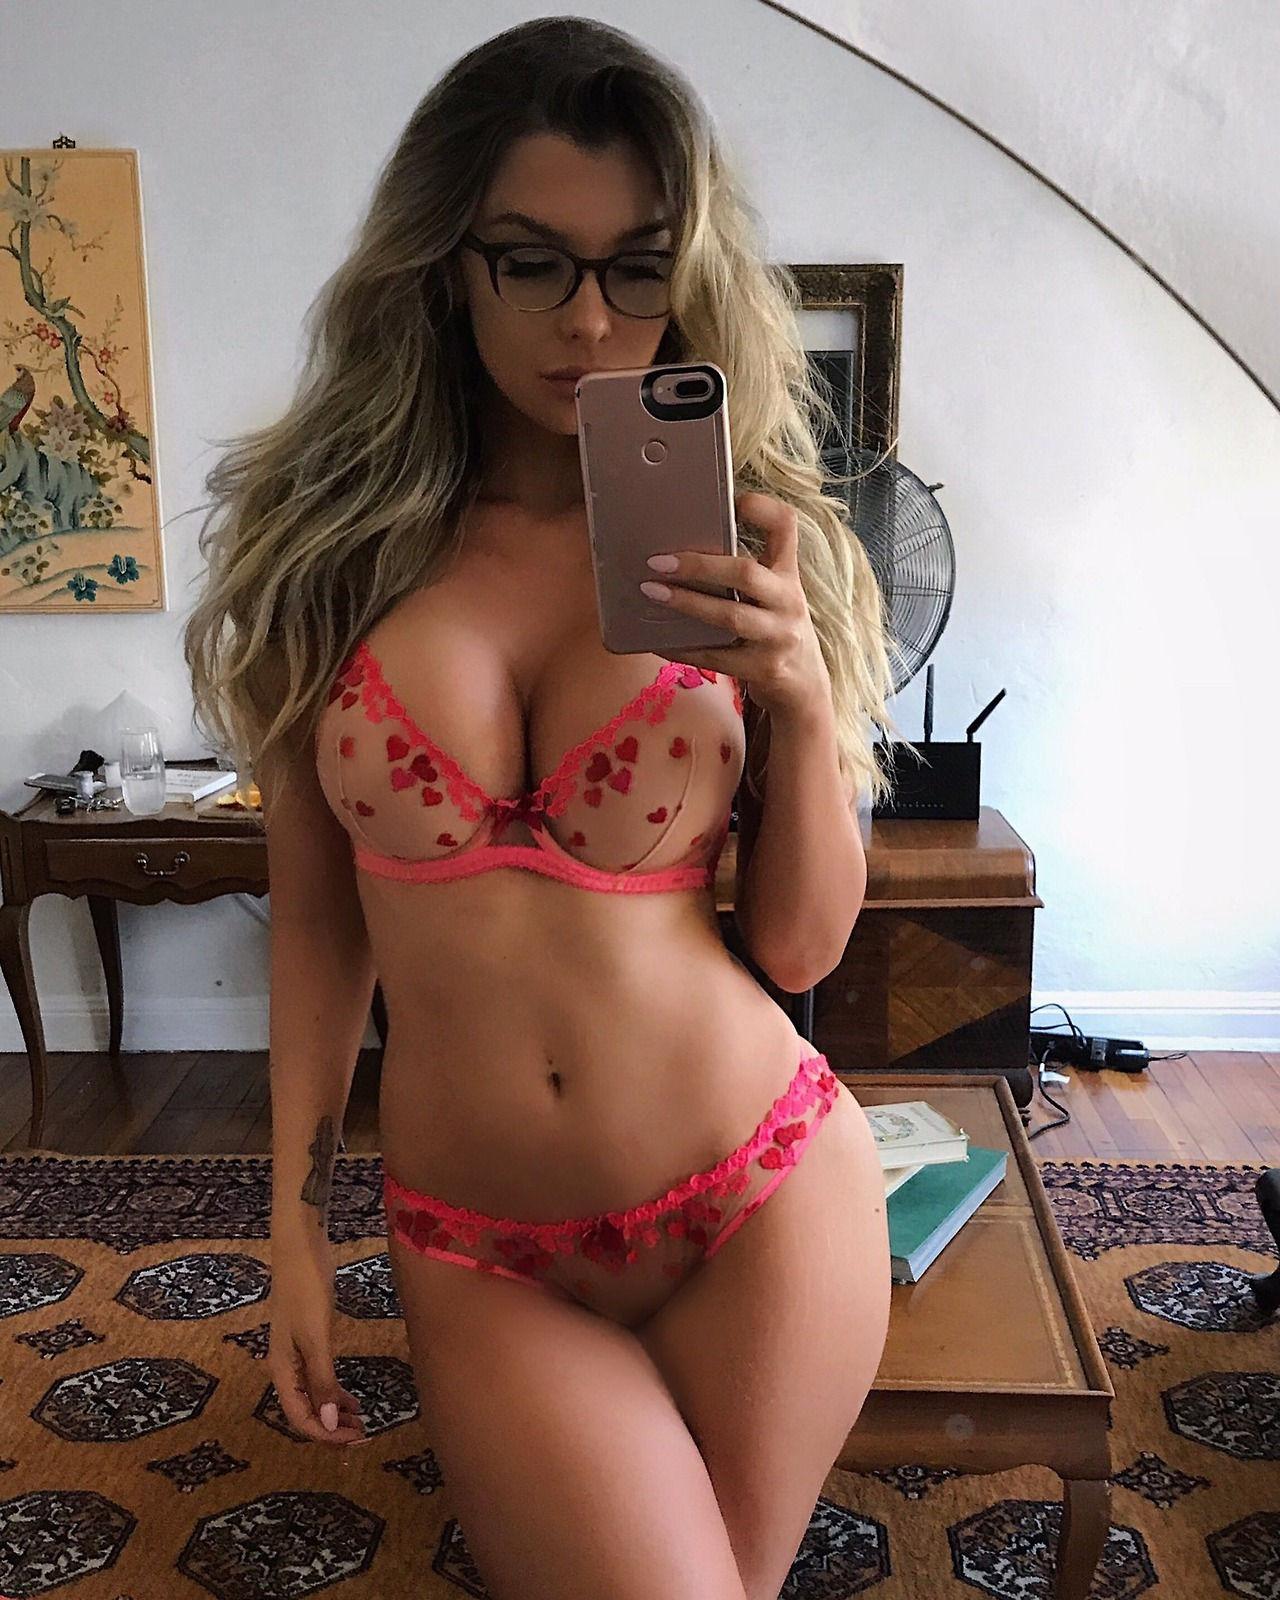 Sexy bikini body selfie..